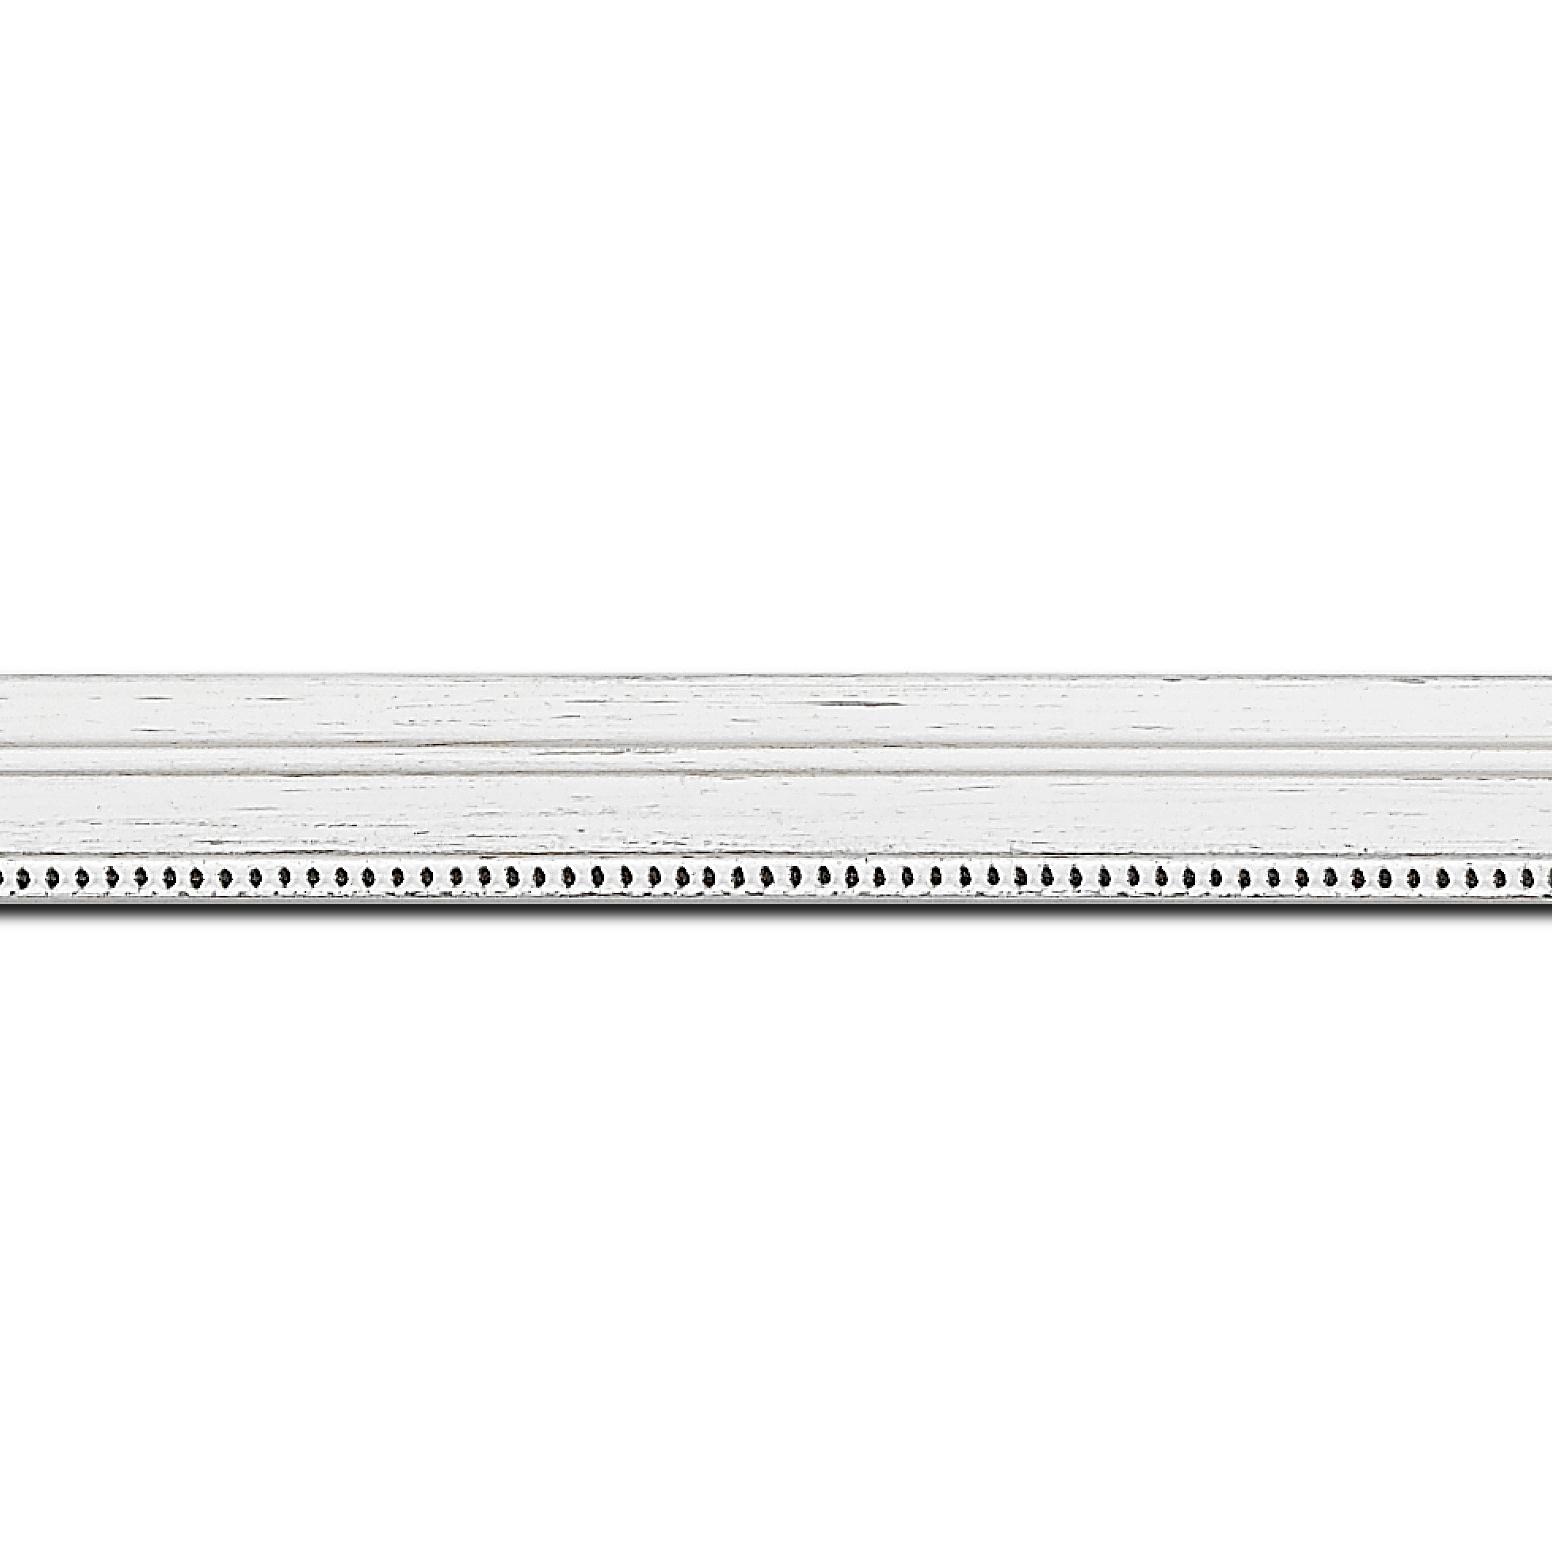 Pack par 12m, bois profil plat en étage  largeur 2.2cm couleur blanchie filet perle (longueur baguette pouvant varier entre 2.40m et 3m selon arrivage des bois)